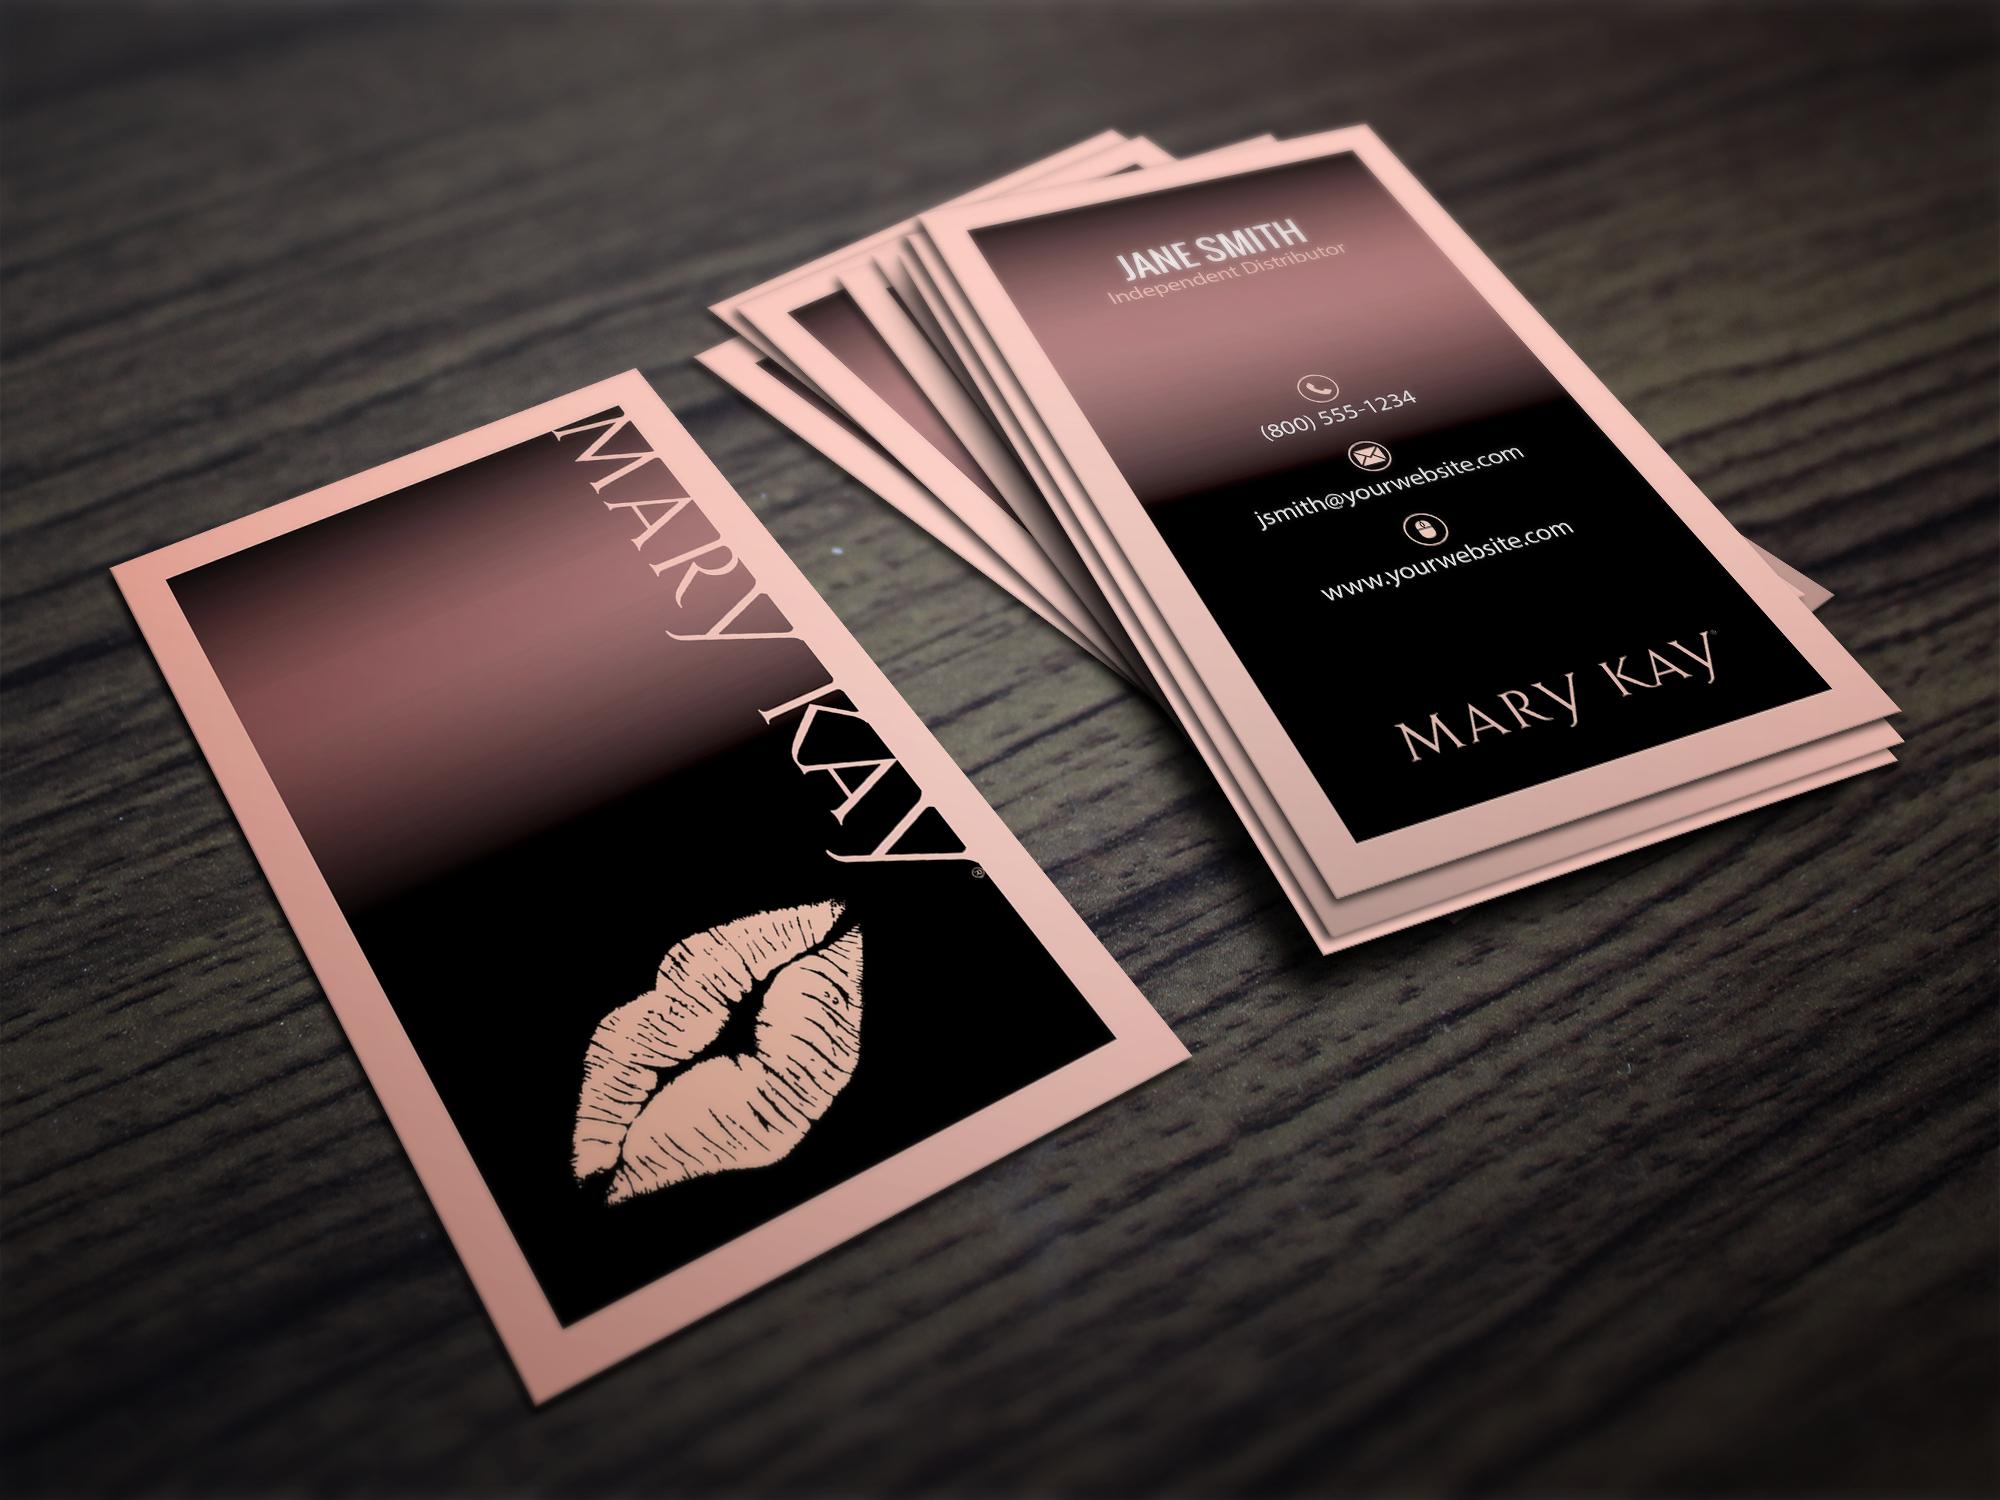 Mary Kay Business Cards  Mary Kay  Mary Kay Mary Kay Party Mary Throughout Mary Kay Business Cards Templates Free